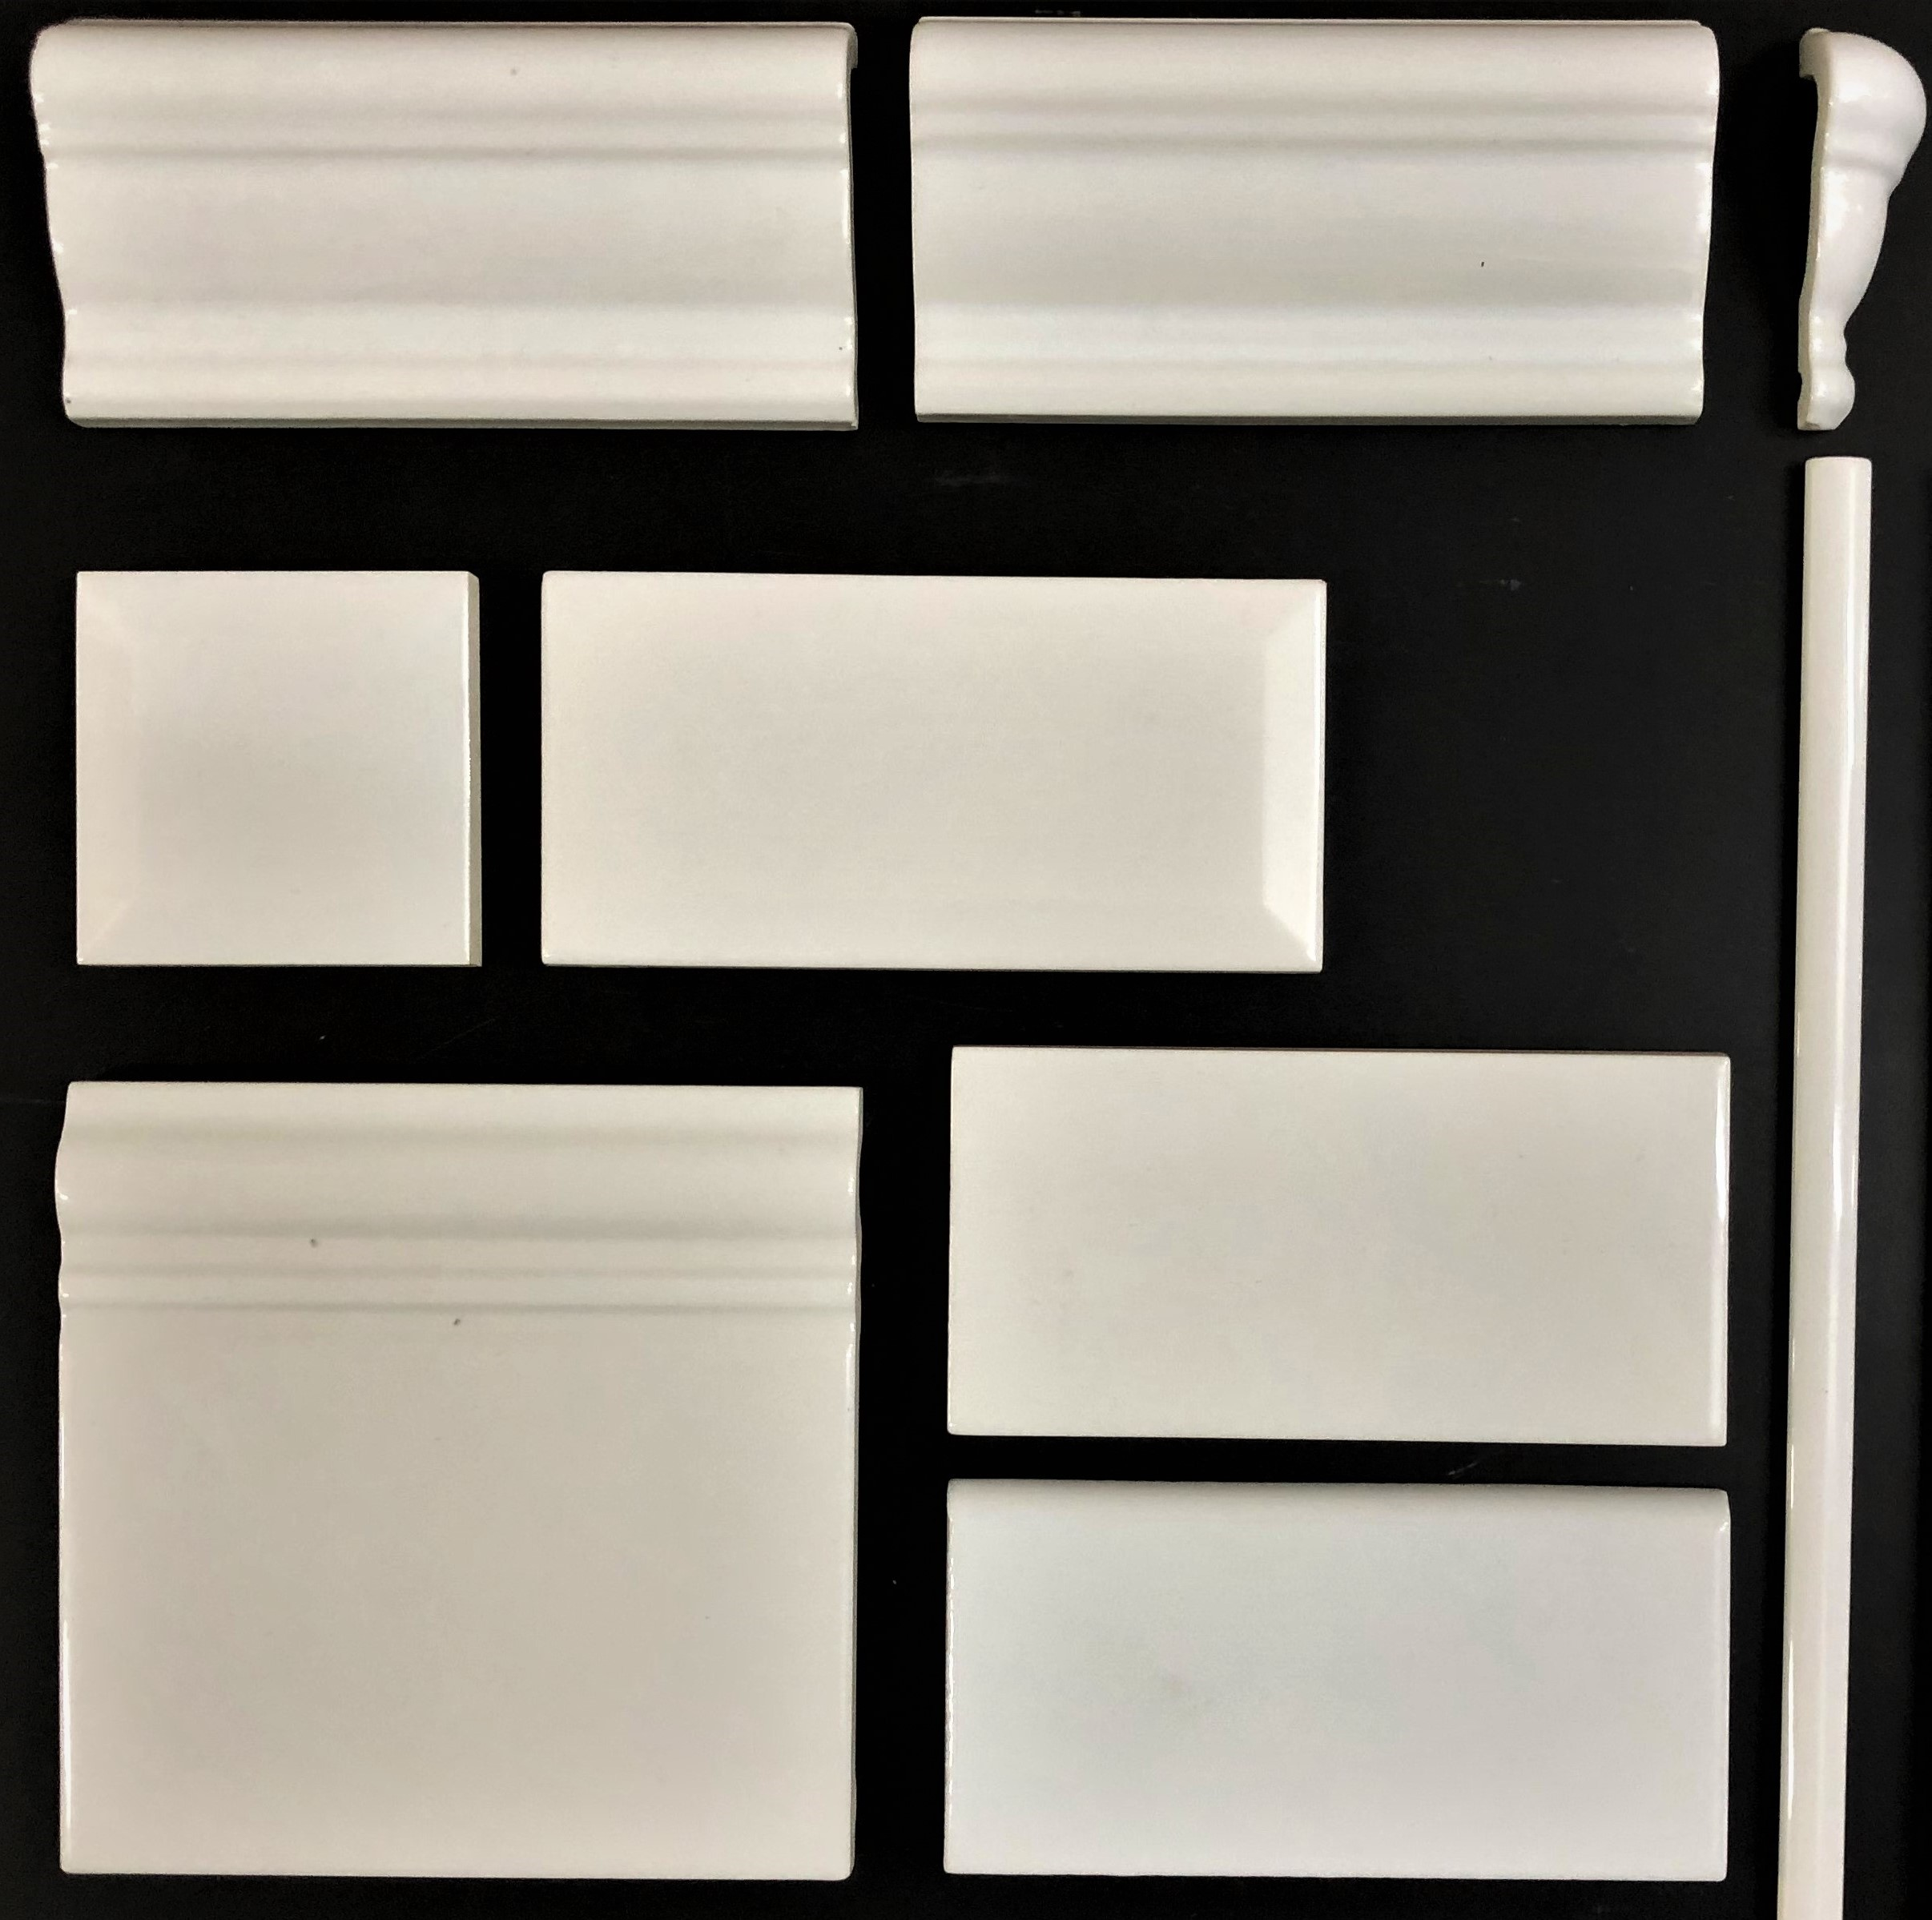 Metrofliesen und Formteile Self Ceramica klassische original metrofliese farbe weiß format 7,5x15 cm.jpg